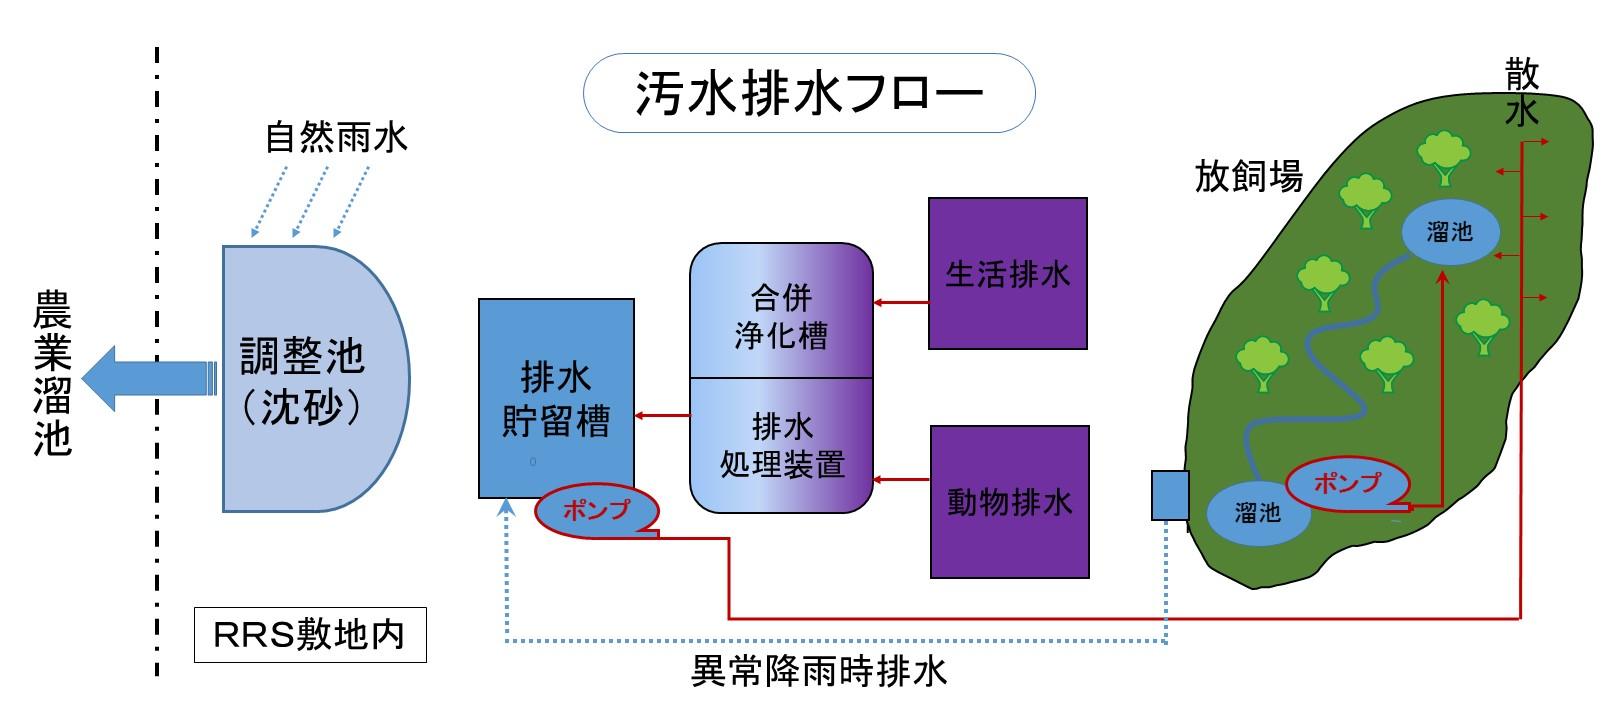 排水フロー図